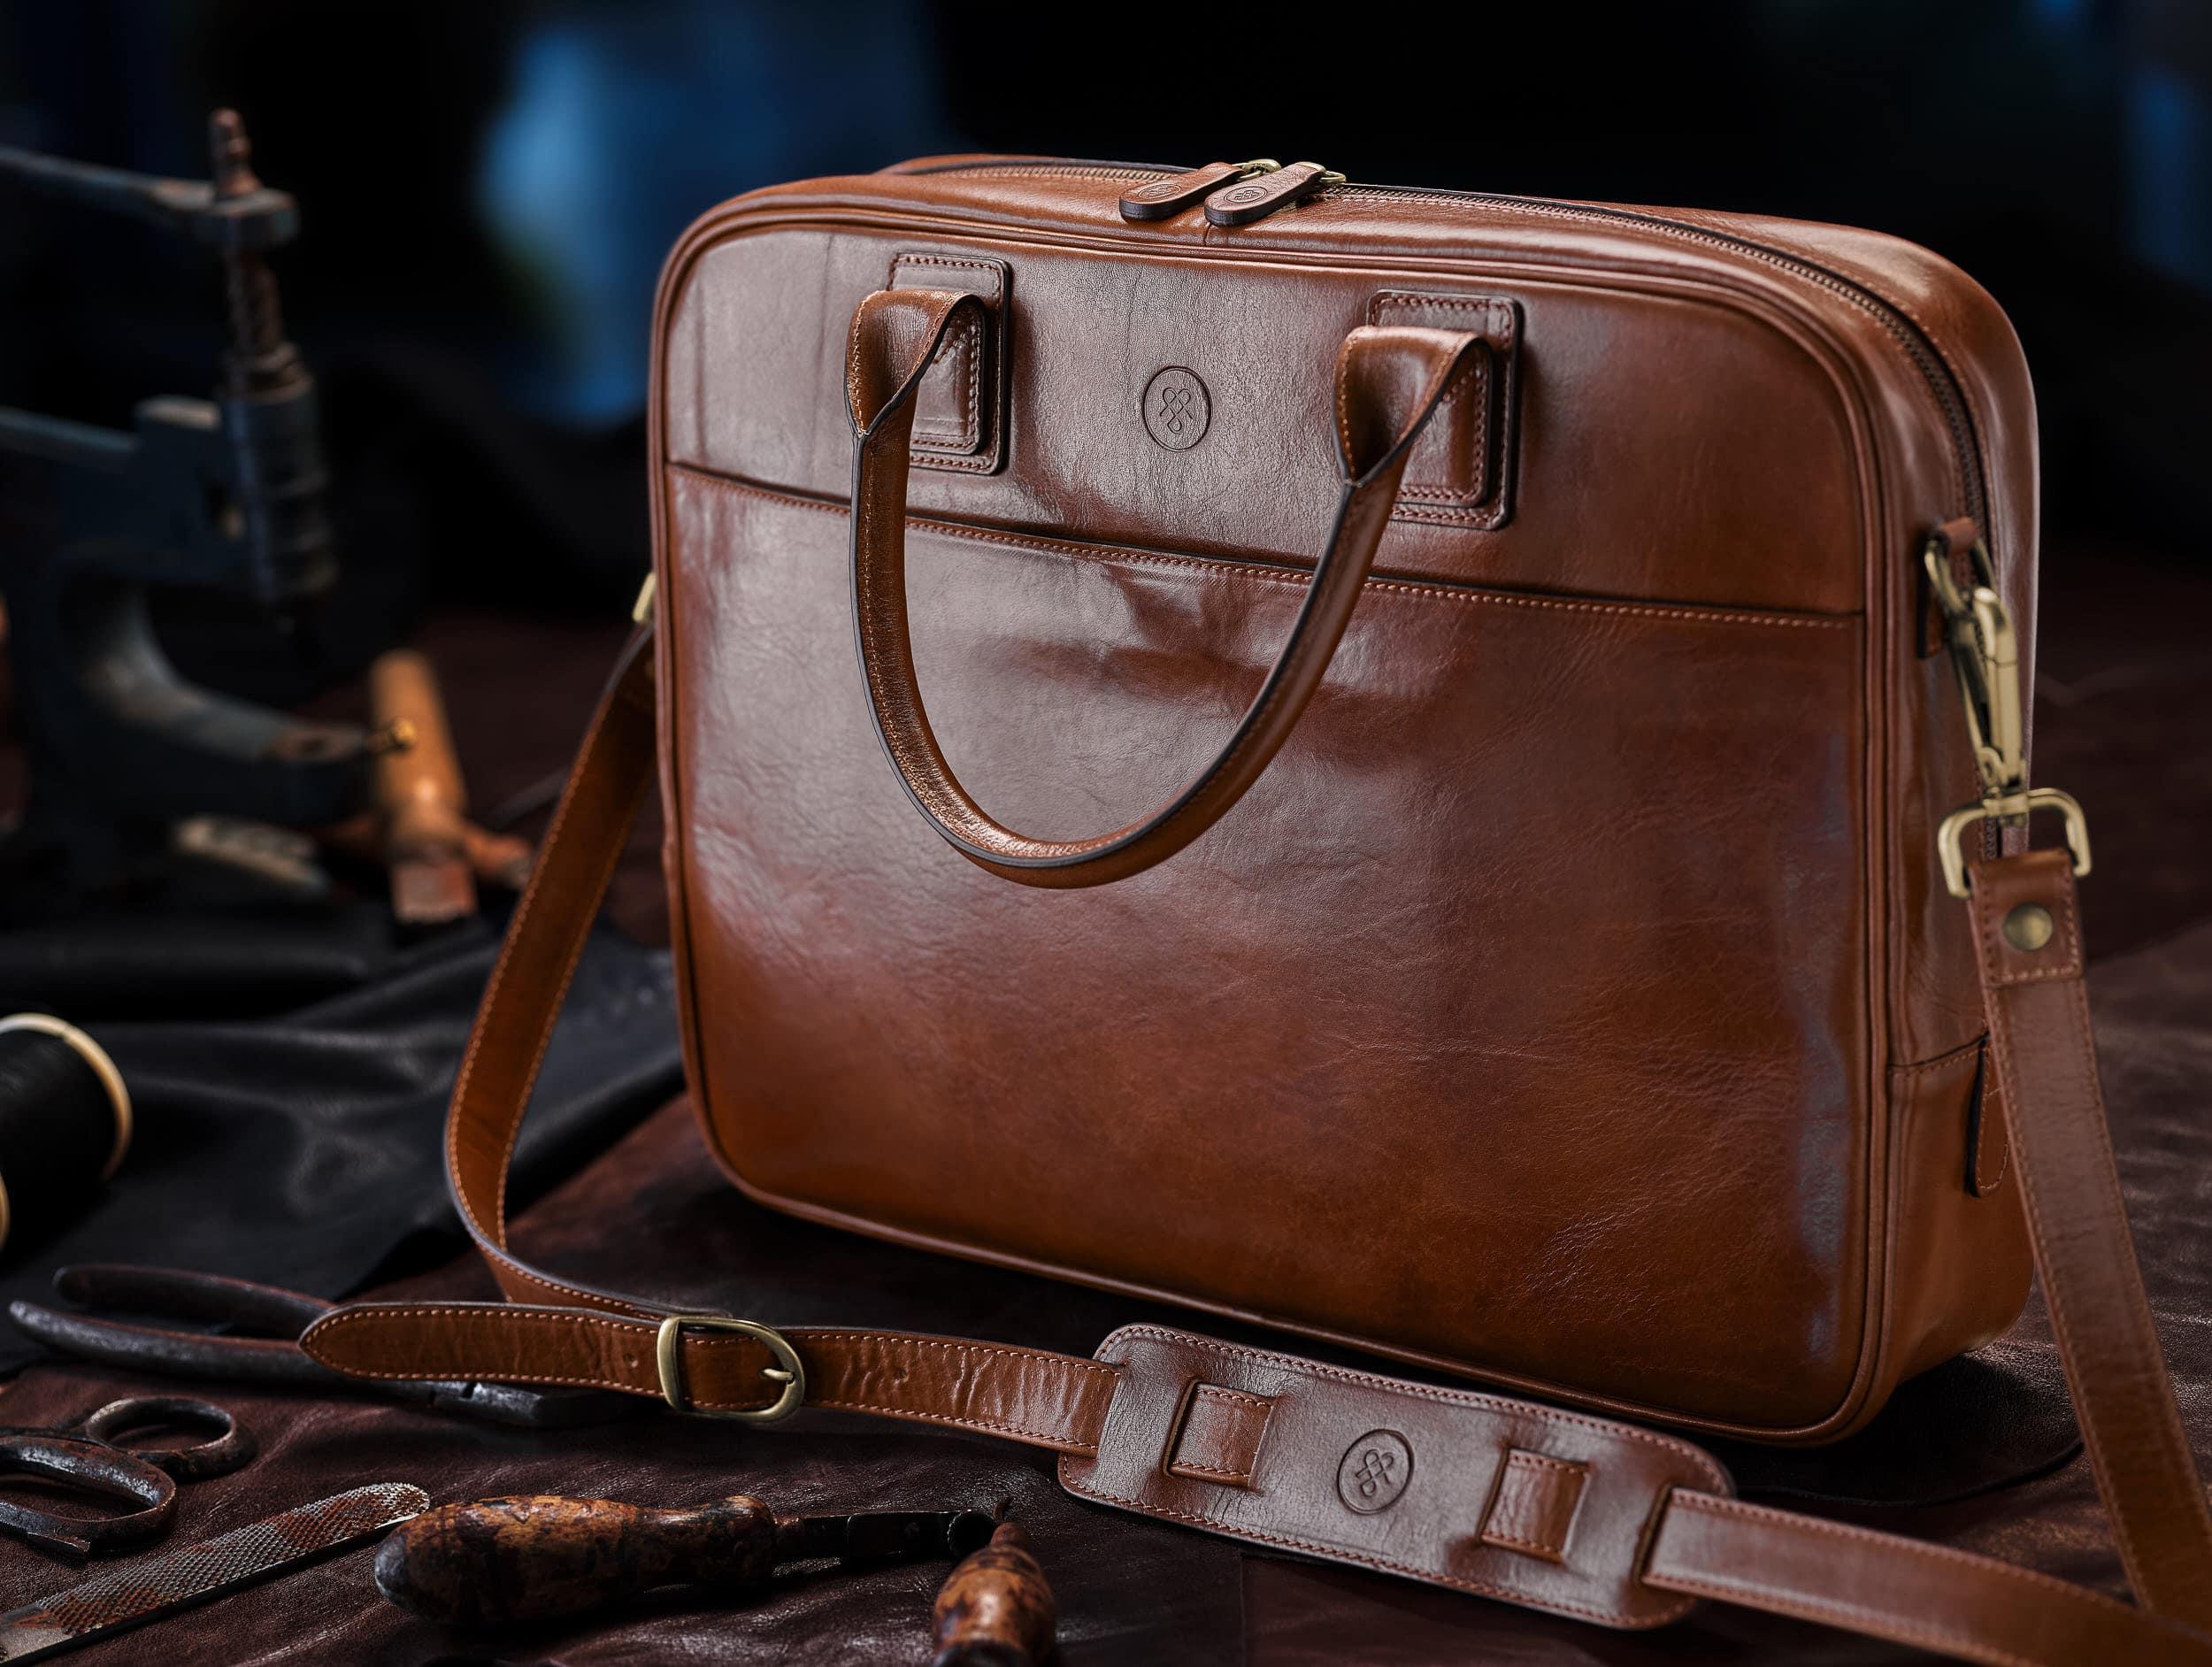 Stimmungsvolle Werbeaufnahme einer hochwertigen Leder Tasche im Manufaktur Ambiente |Werbefotograf in der Region Osnabrück Münster Bielefeld für Produktfotografie